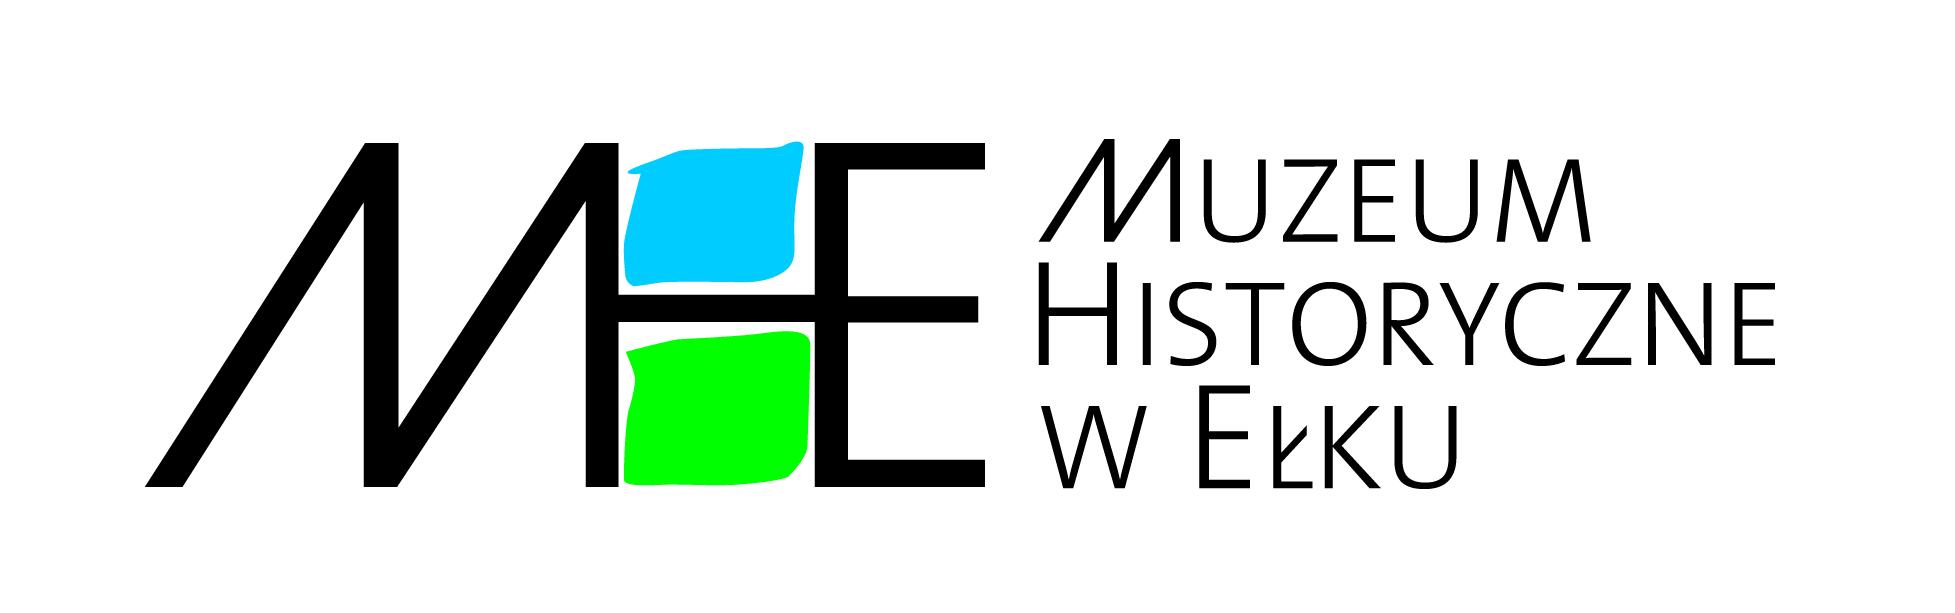 Muzeum Historyczne w Ełku